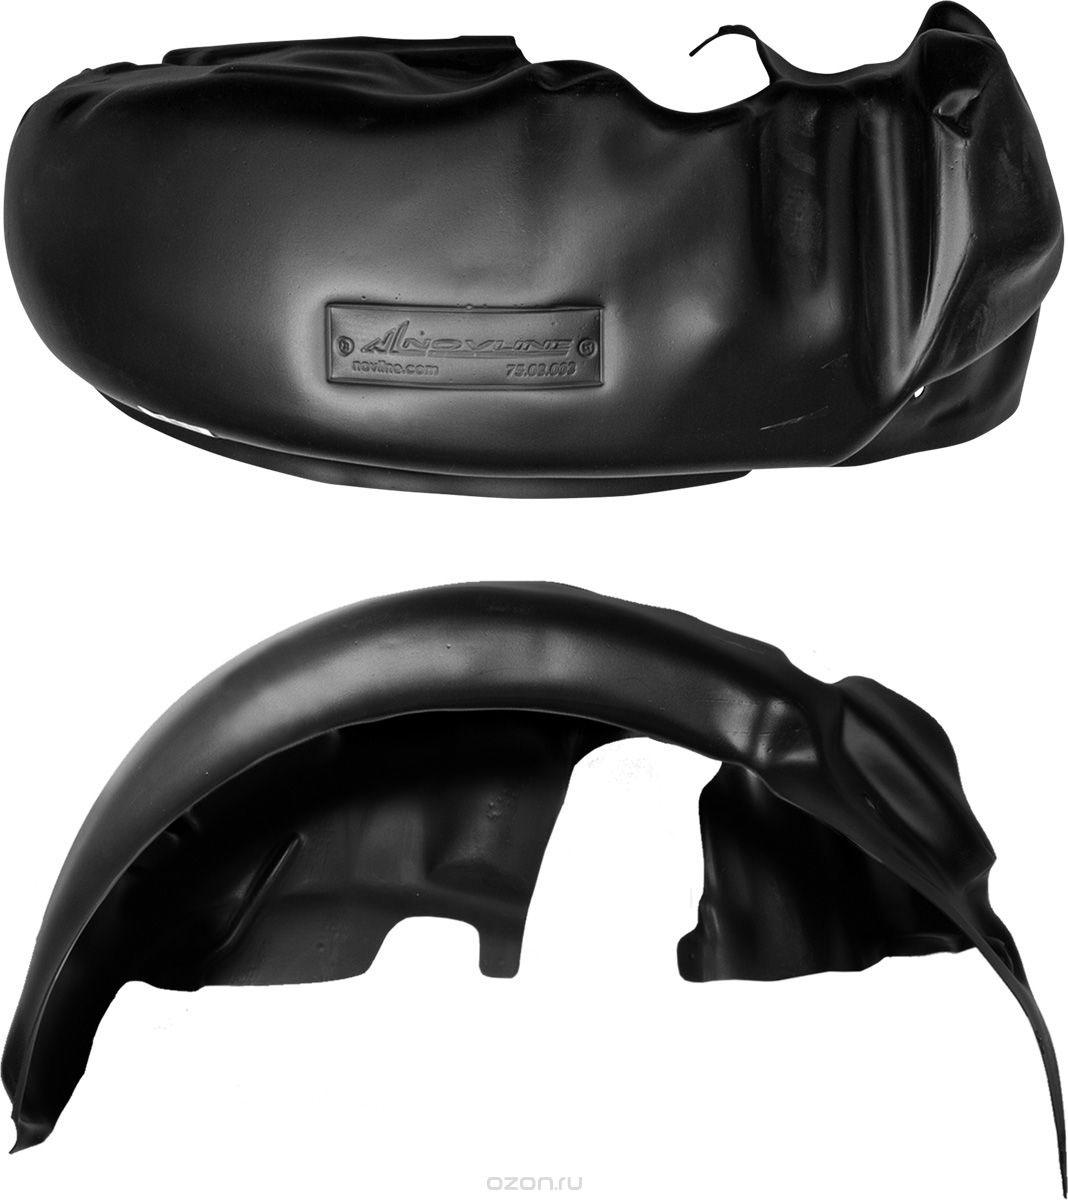 Подкрылок Novline-Autofamily, для PEUGEOT Boxer 2006-2014, 2014-> без/с расширителями арок, задний левыйNLL.38.18.003Идеальная защита колесной ниши. Локеры разработаны с применением цифровых технологий, гарантируют максимальную повторяемость поверхности арки. Изделия устанавливаются без нарушения лакокрасочного покрытия автомобиля, каждый подкрылок комплектуется крепежом. Уважаемые клиенты, обращаем ваше внимание, что фотографии на подкрылки универсальные и не отражают реальную форму изделия. При этом само изделие идет точно под размер указанного автомобиля.